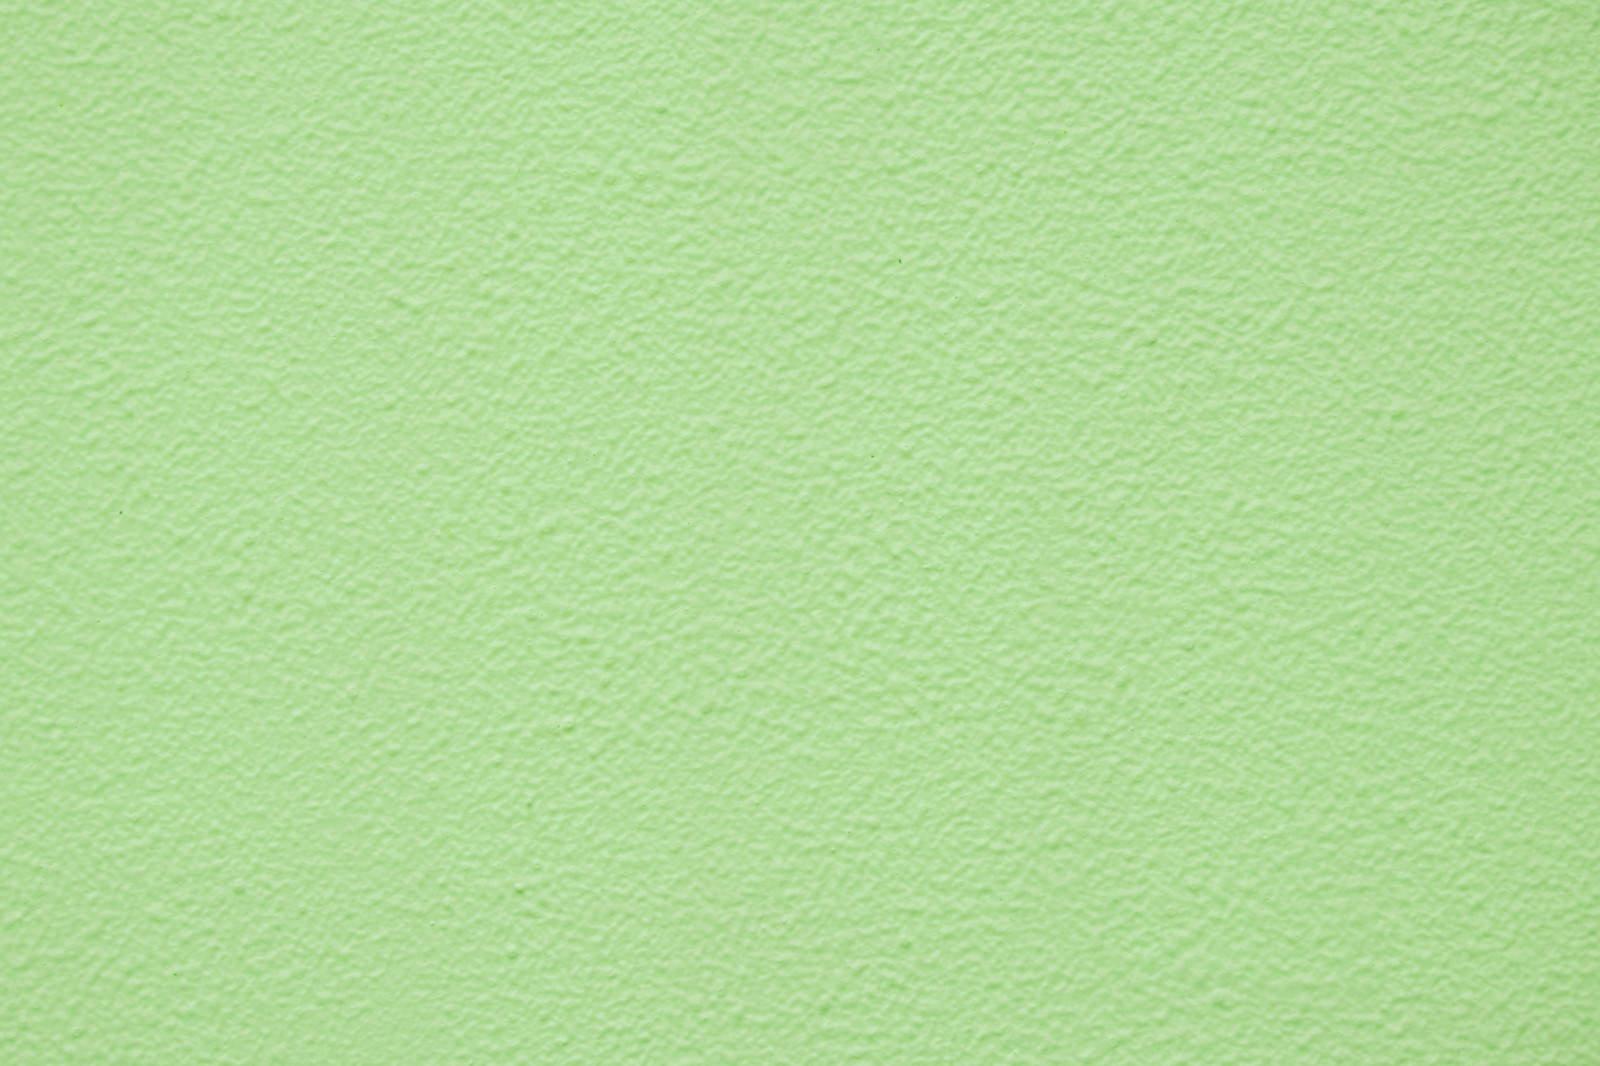 「淡い緑色の外壁(テクスチャ)」の写真